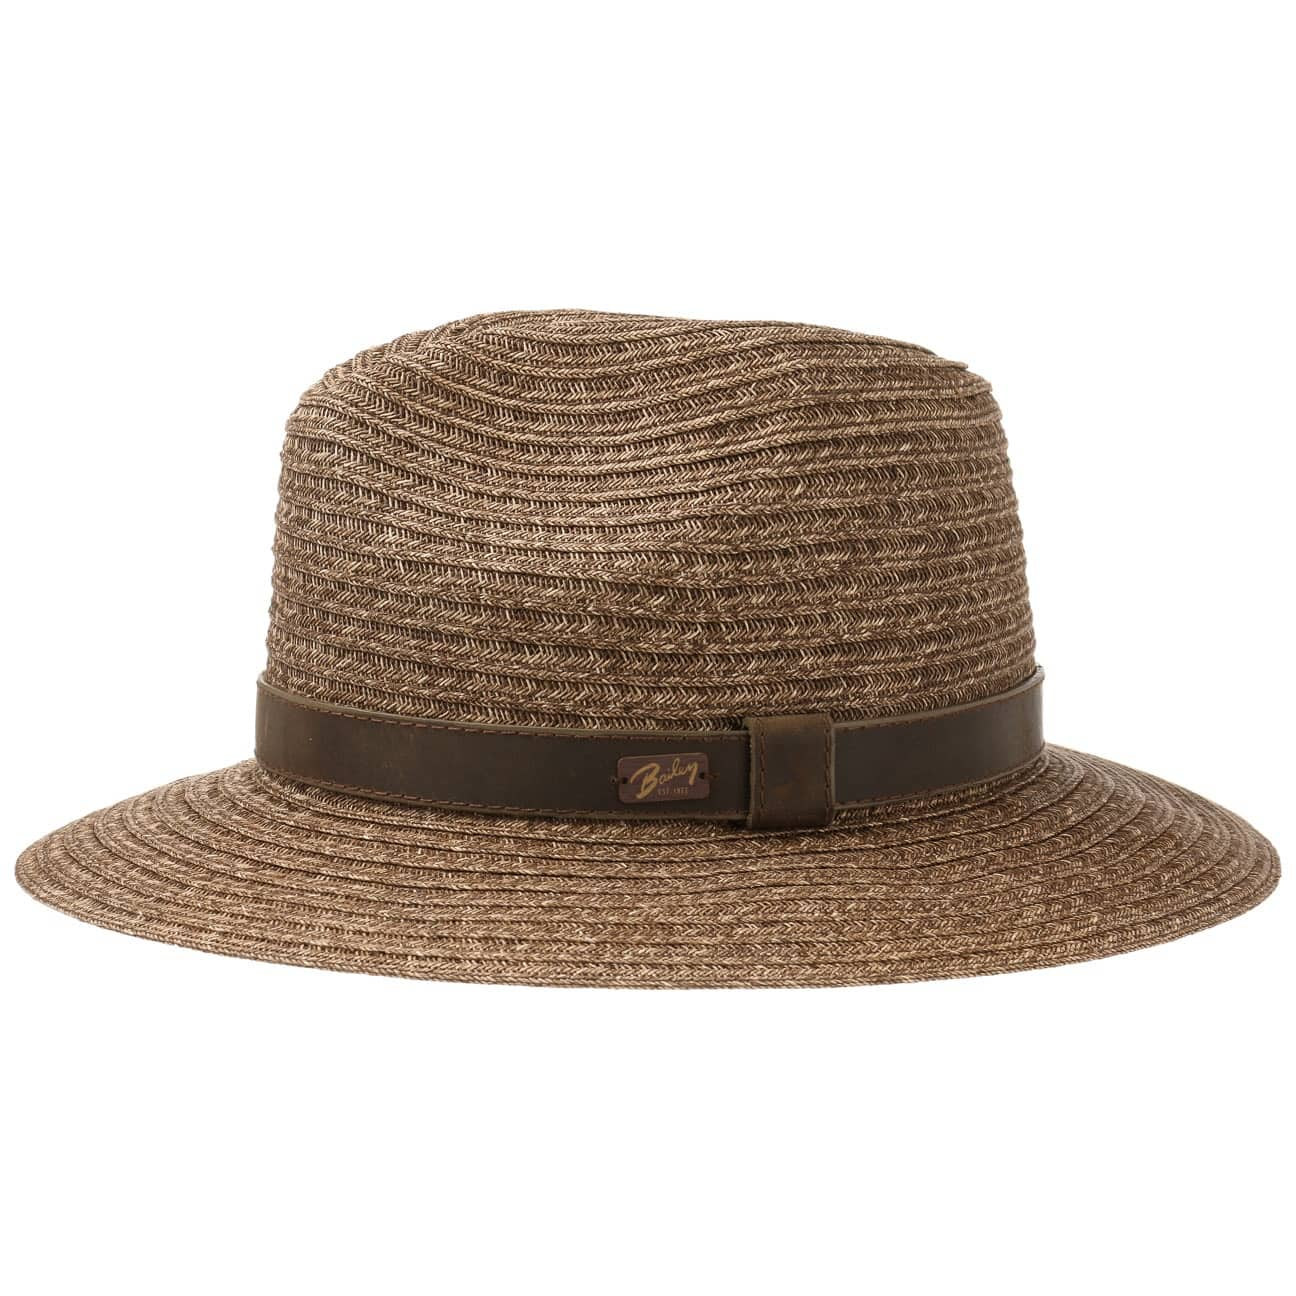 Sombrero Foley by Bailey of Hollywood  sombrero de paja